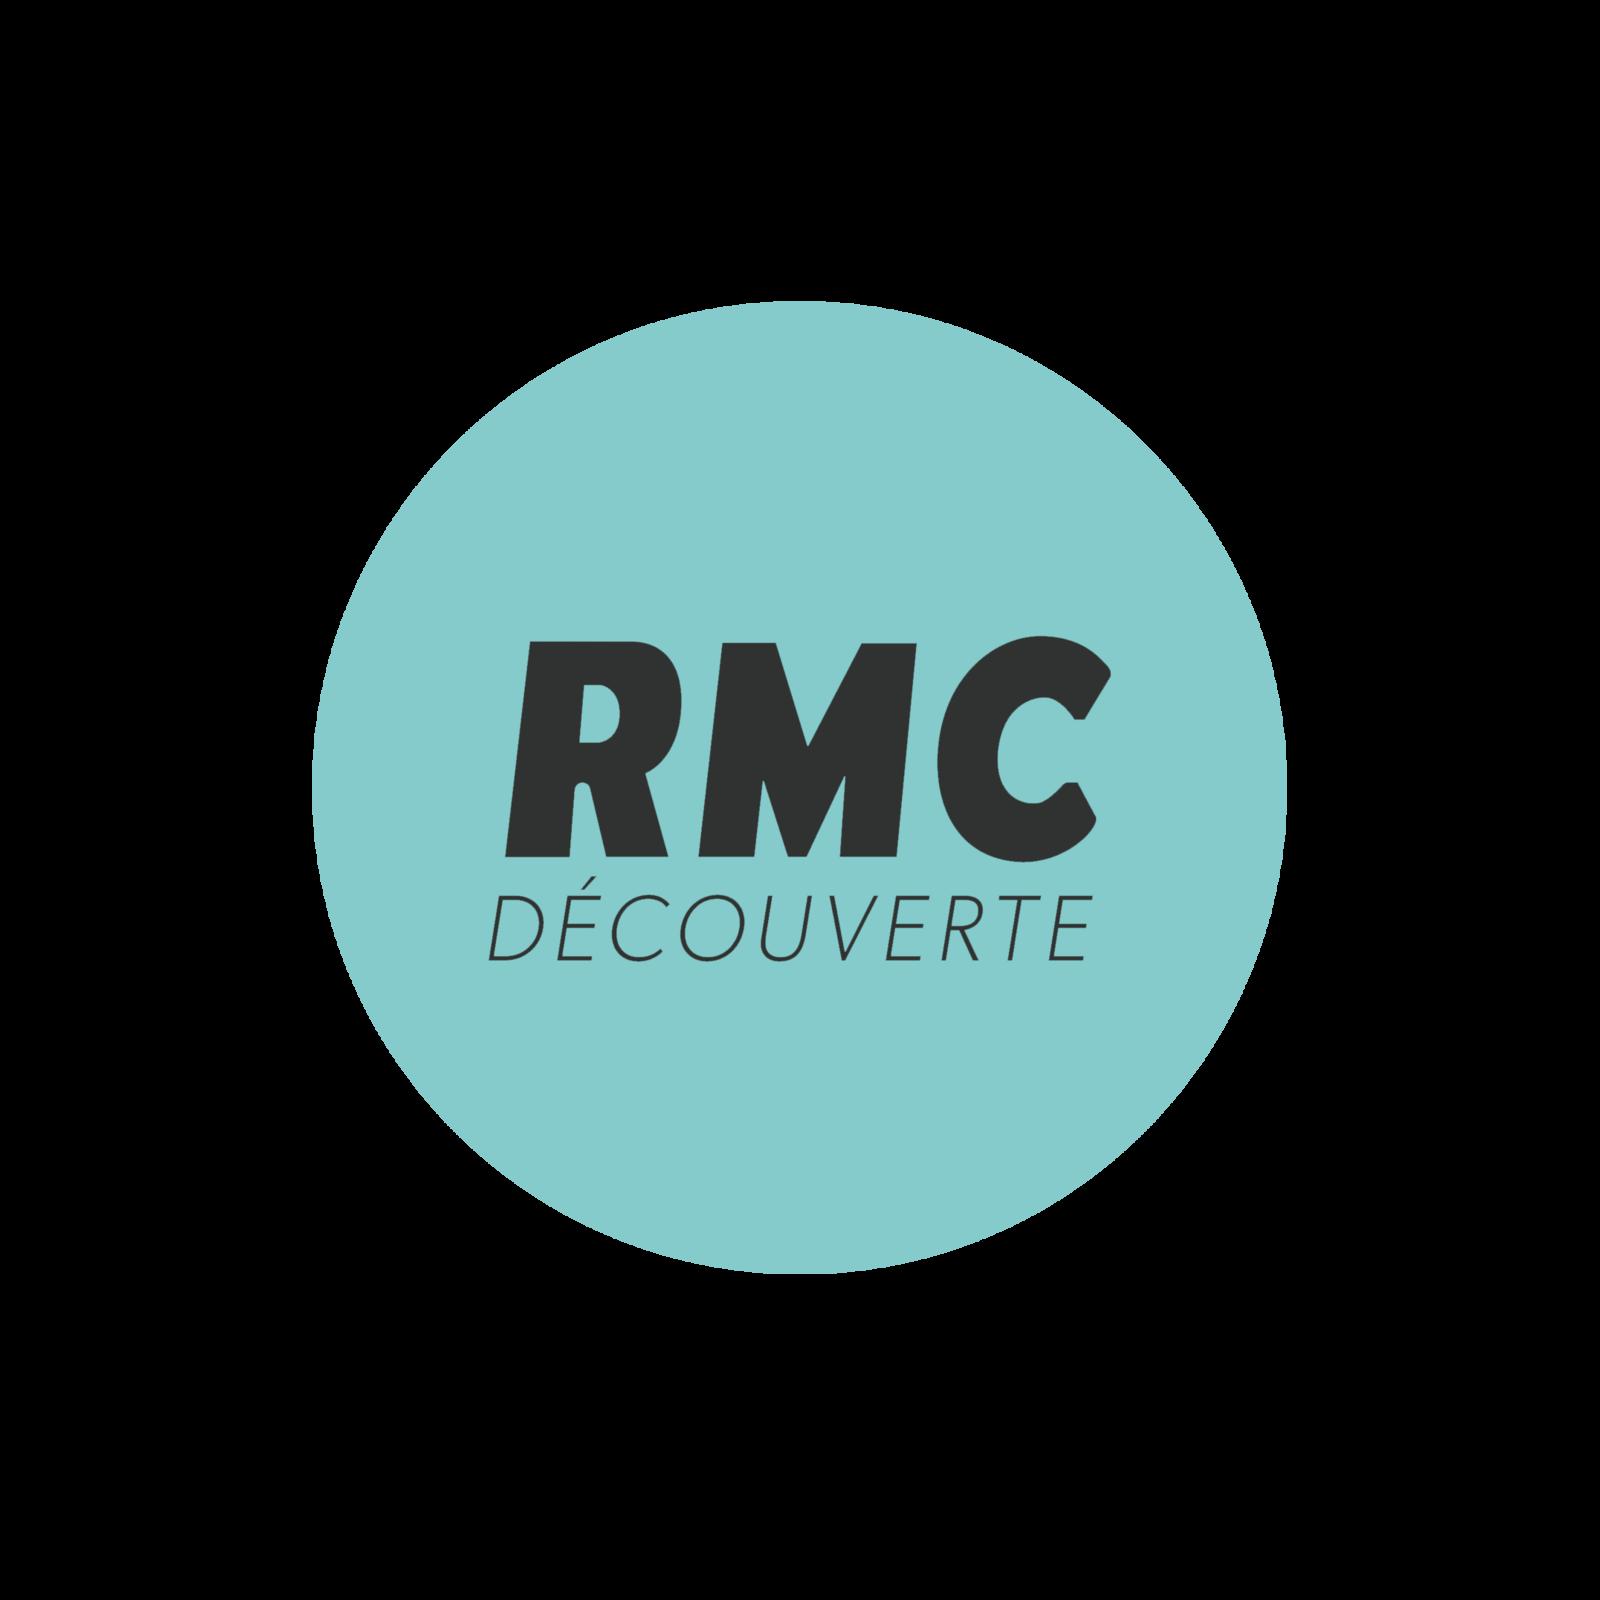 Notre Dame de Paris, l'indestructible : document inédit ce mercredi sur RMC Découverte.